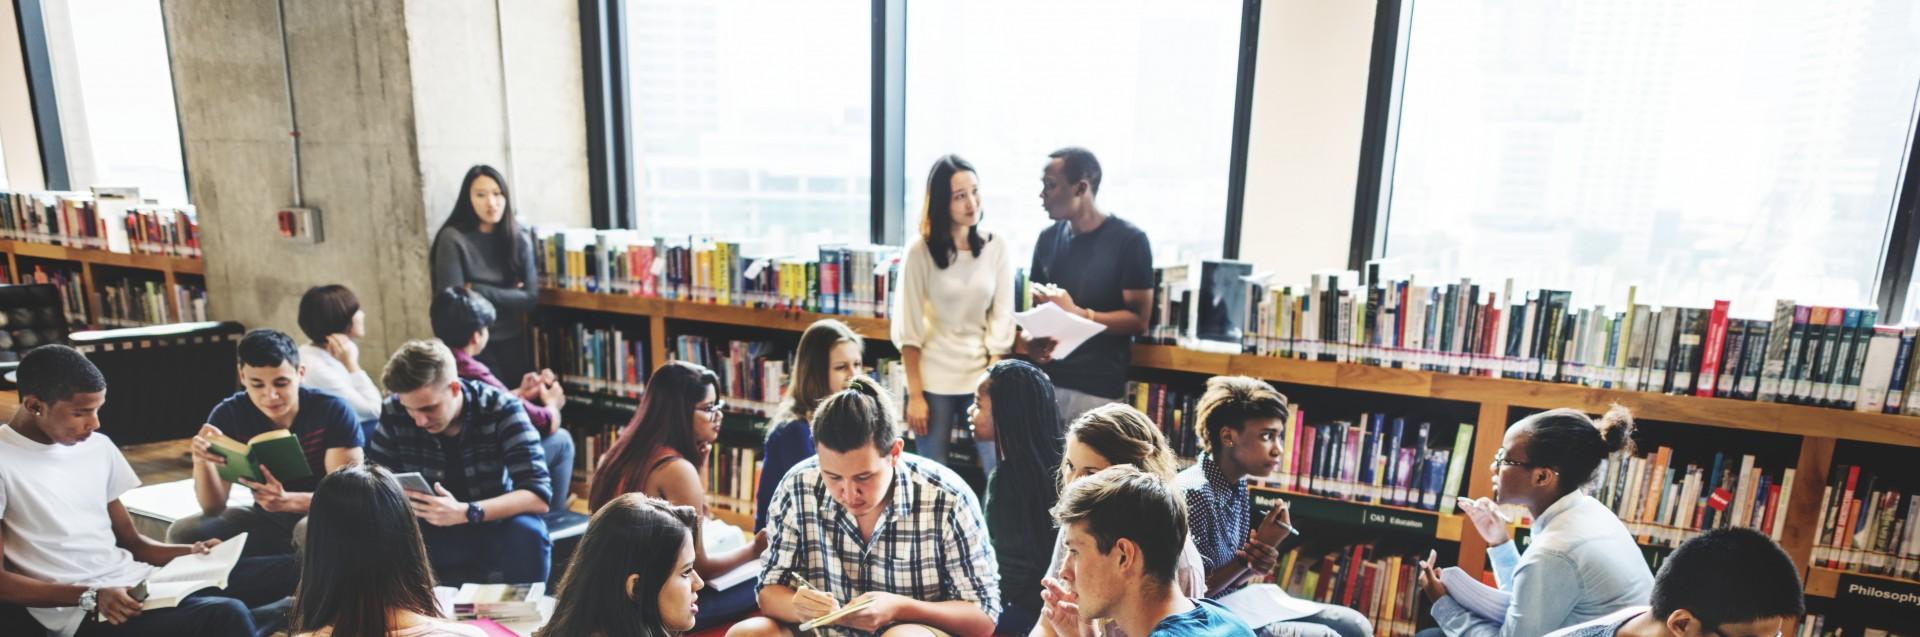 Elever jobber i grupper i et rom med puffer. Lærer står i bakgrunnen og snakker med en av elevene.